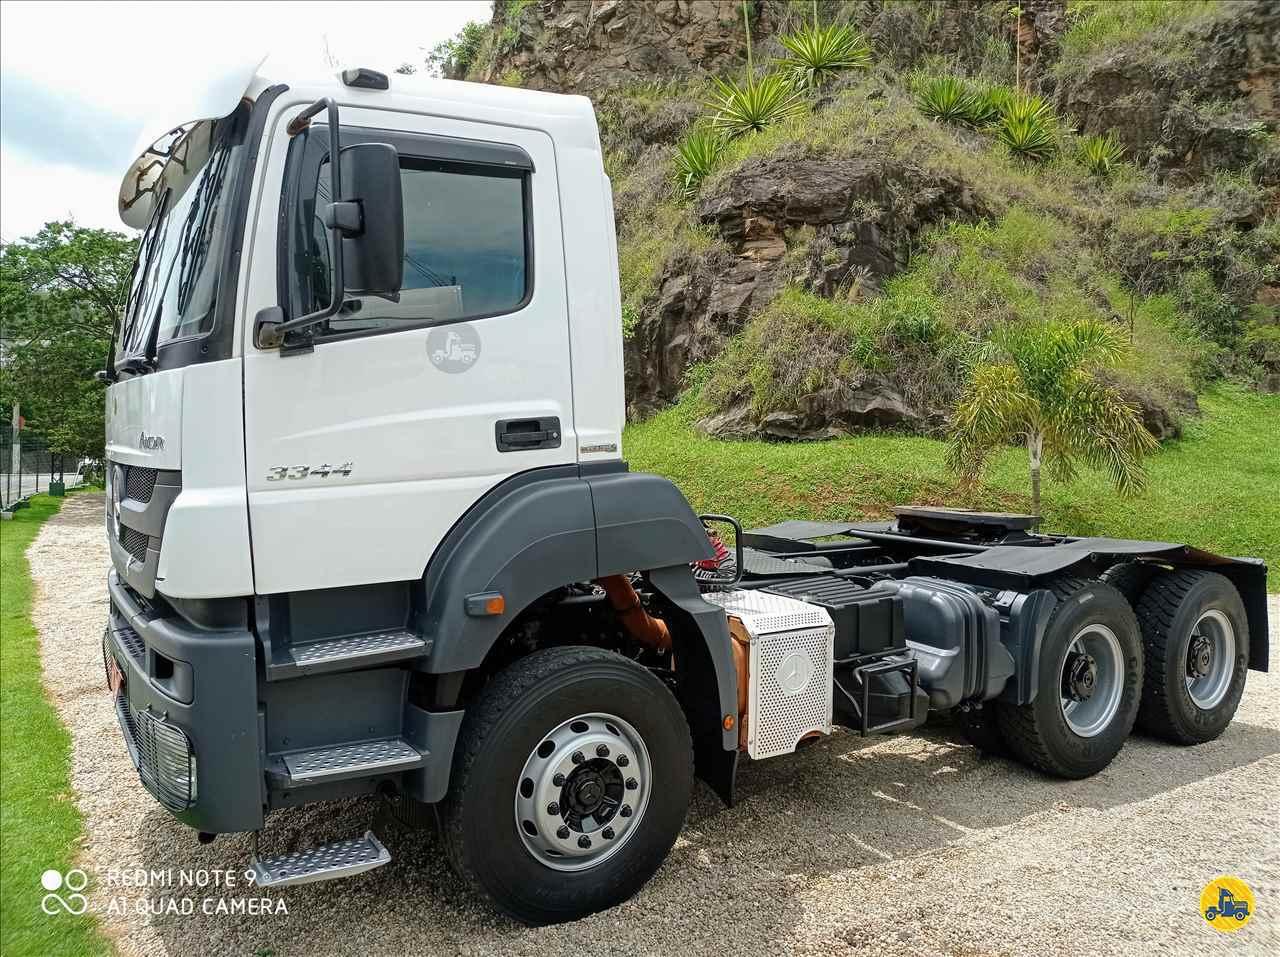 CAMINHAO MERCEDES-BENZ MB 3344 Cavalo Mecânico Traçado 6x4 Fubá Caminhões ITAJUBA MINAS GERAIS MG